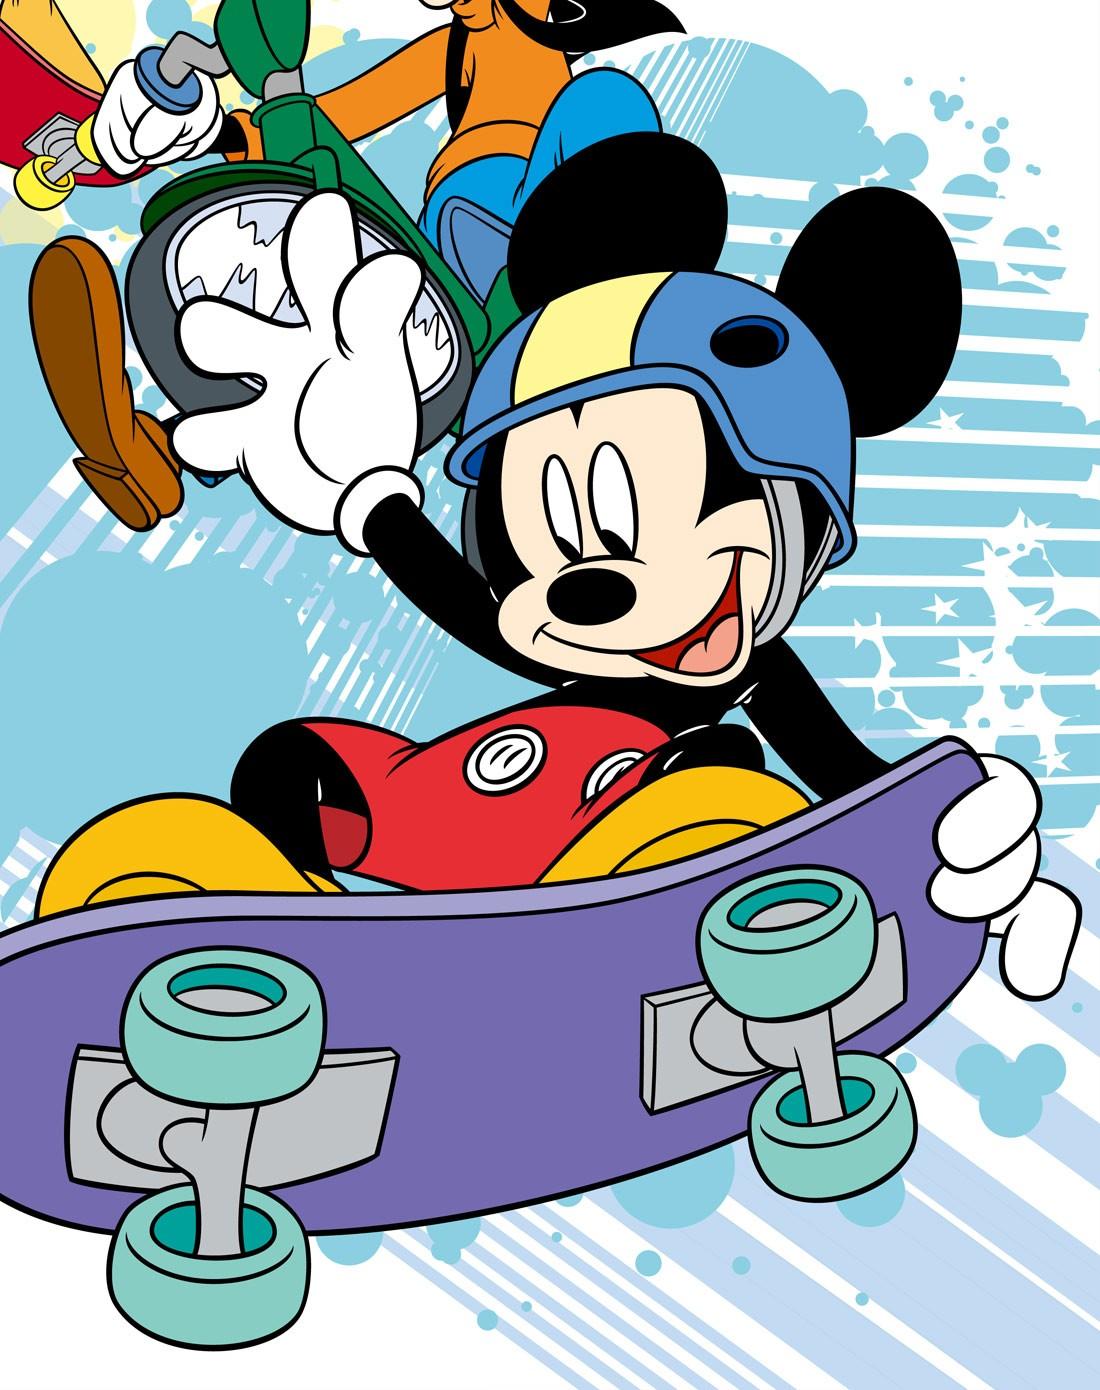 迪士尼disney儿童家具专场 > 迪士尼 挂画-米奇滑板迷